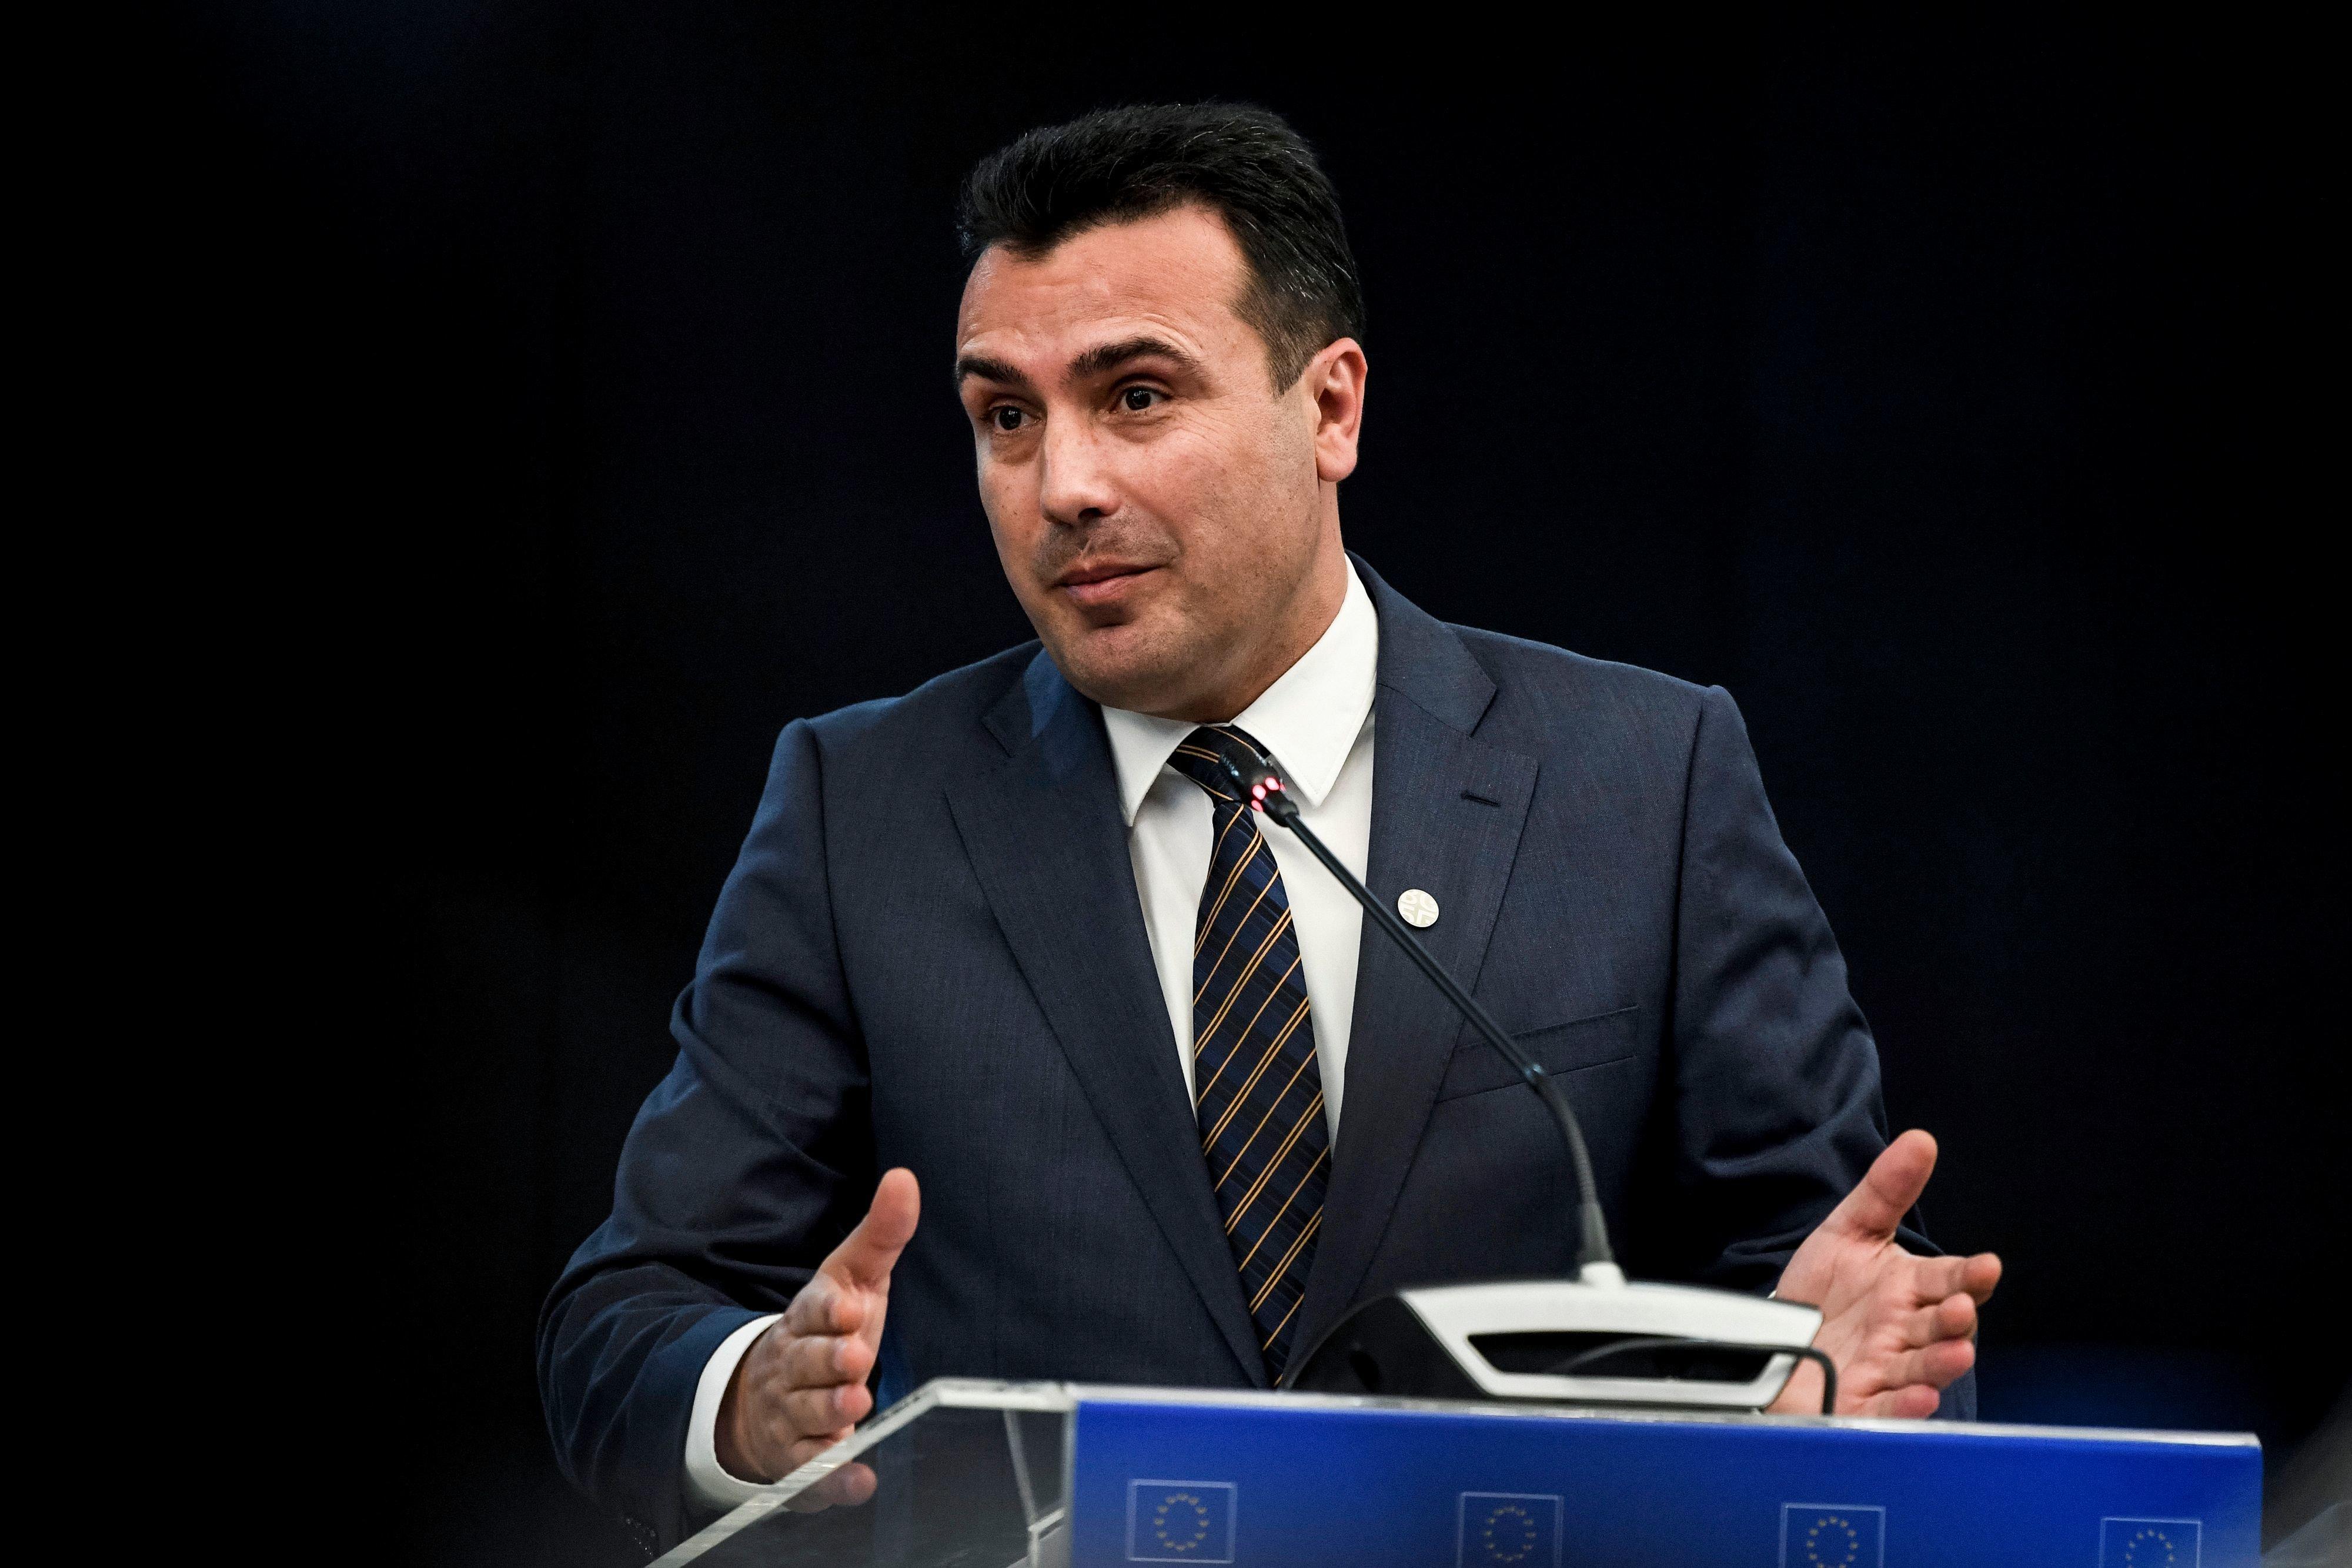 ΠΓΔΜ: Η αξιωματική αντιπολίτευση της χώρας απορρίπτει την ονομασία «Δημοκρατία της Μακεδονίας του